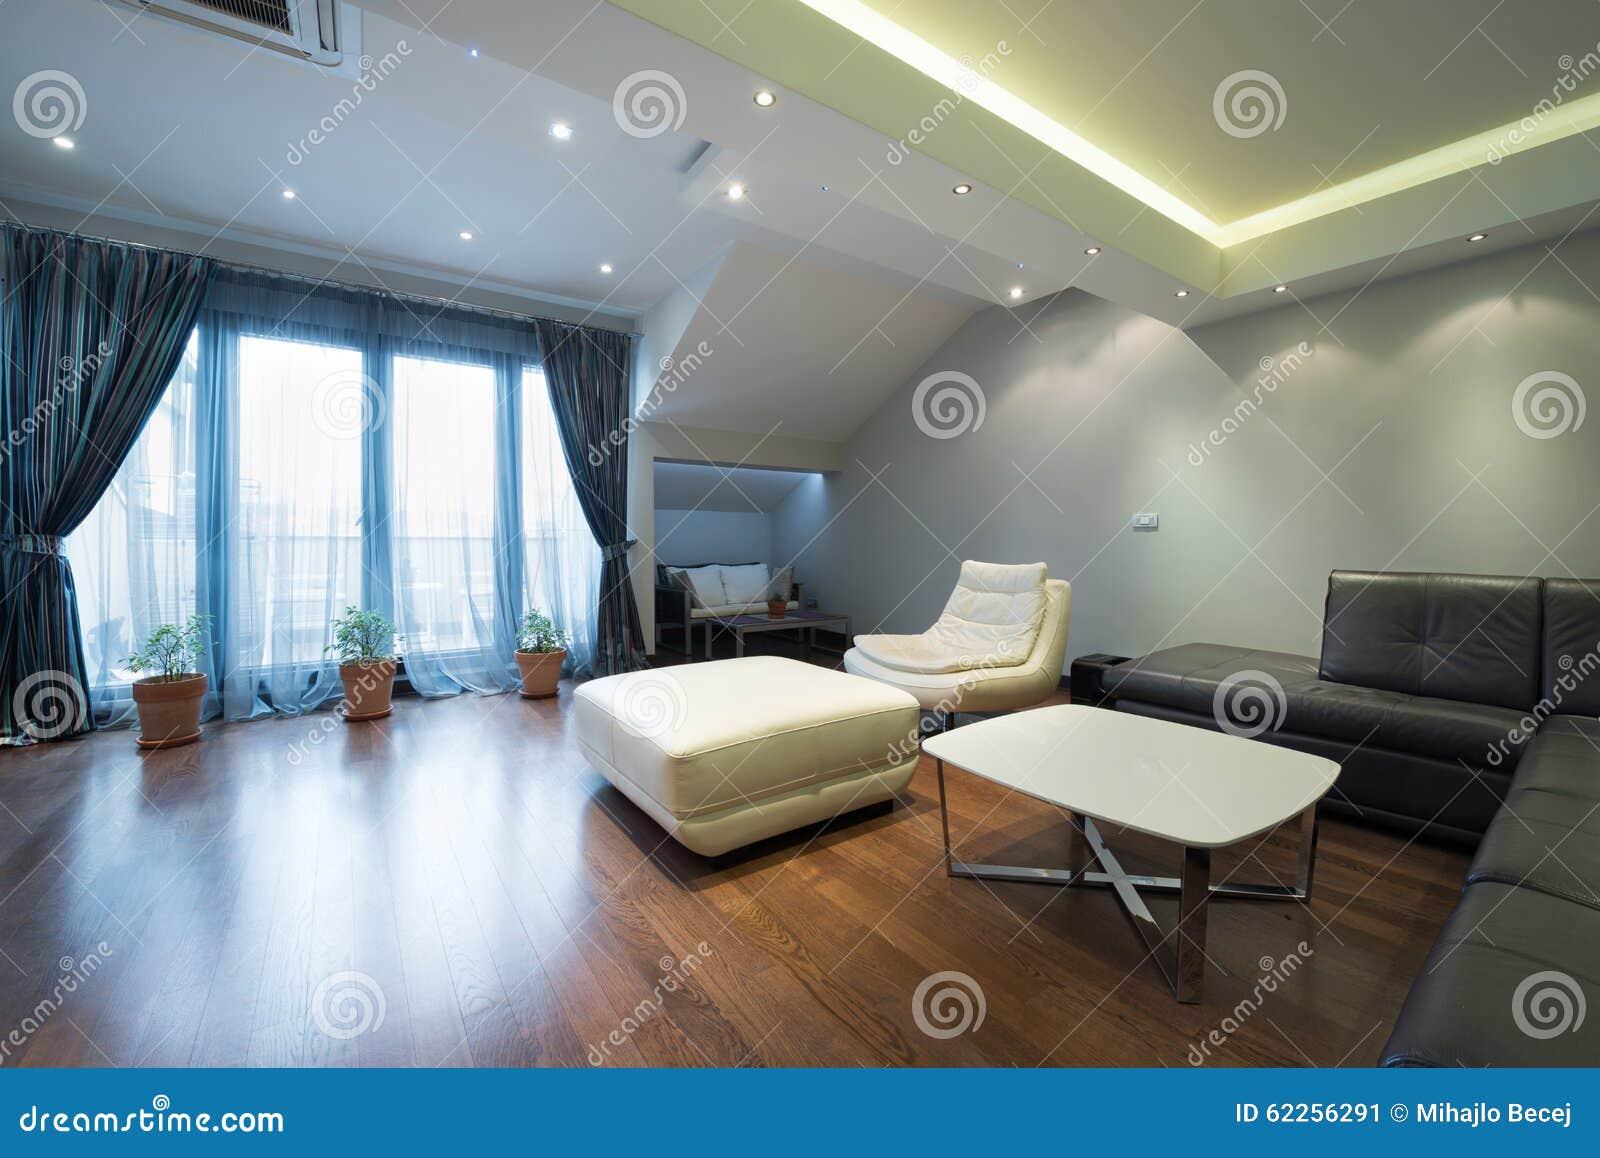 Plafoniere Per Salone : Interno di un salone lusso con le belle plafoniere immagine